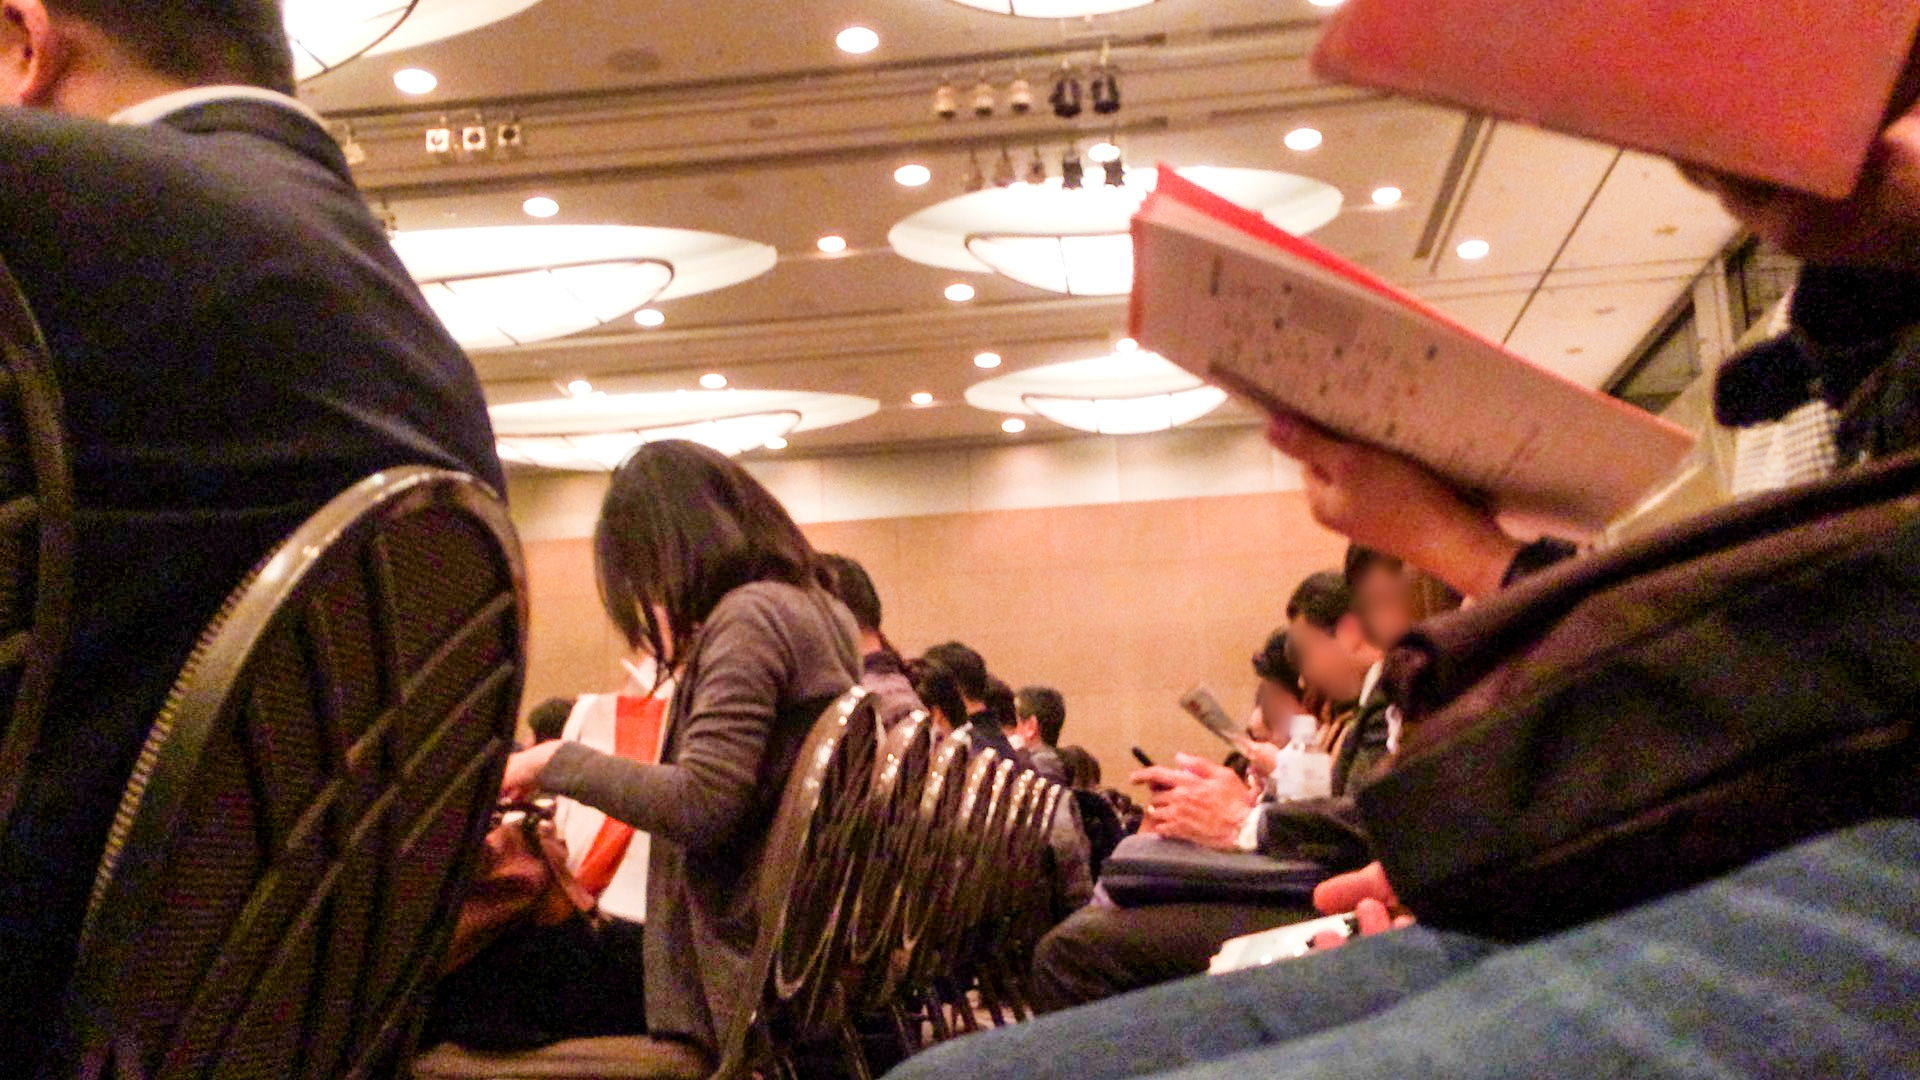 登壇のお知らせ | Ptmind 社主催 セミナー に弊社代表の太田が講演